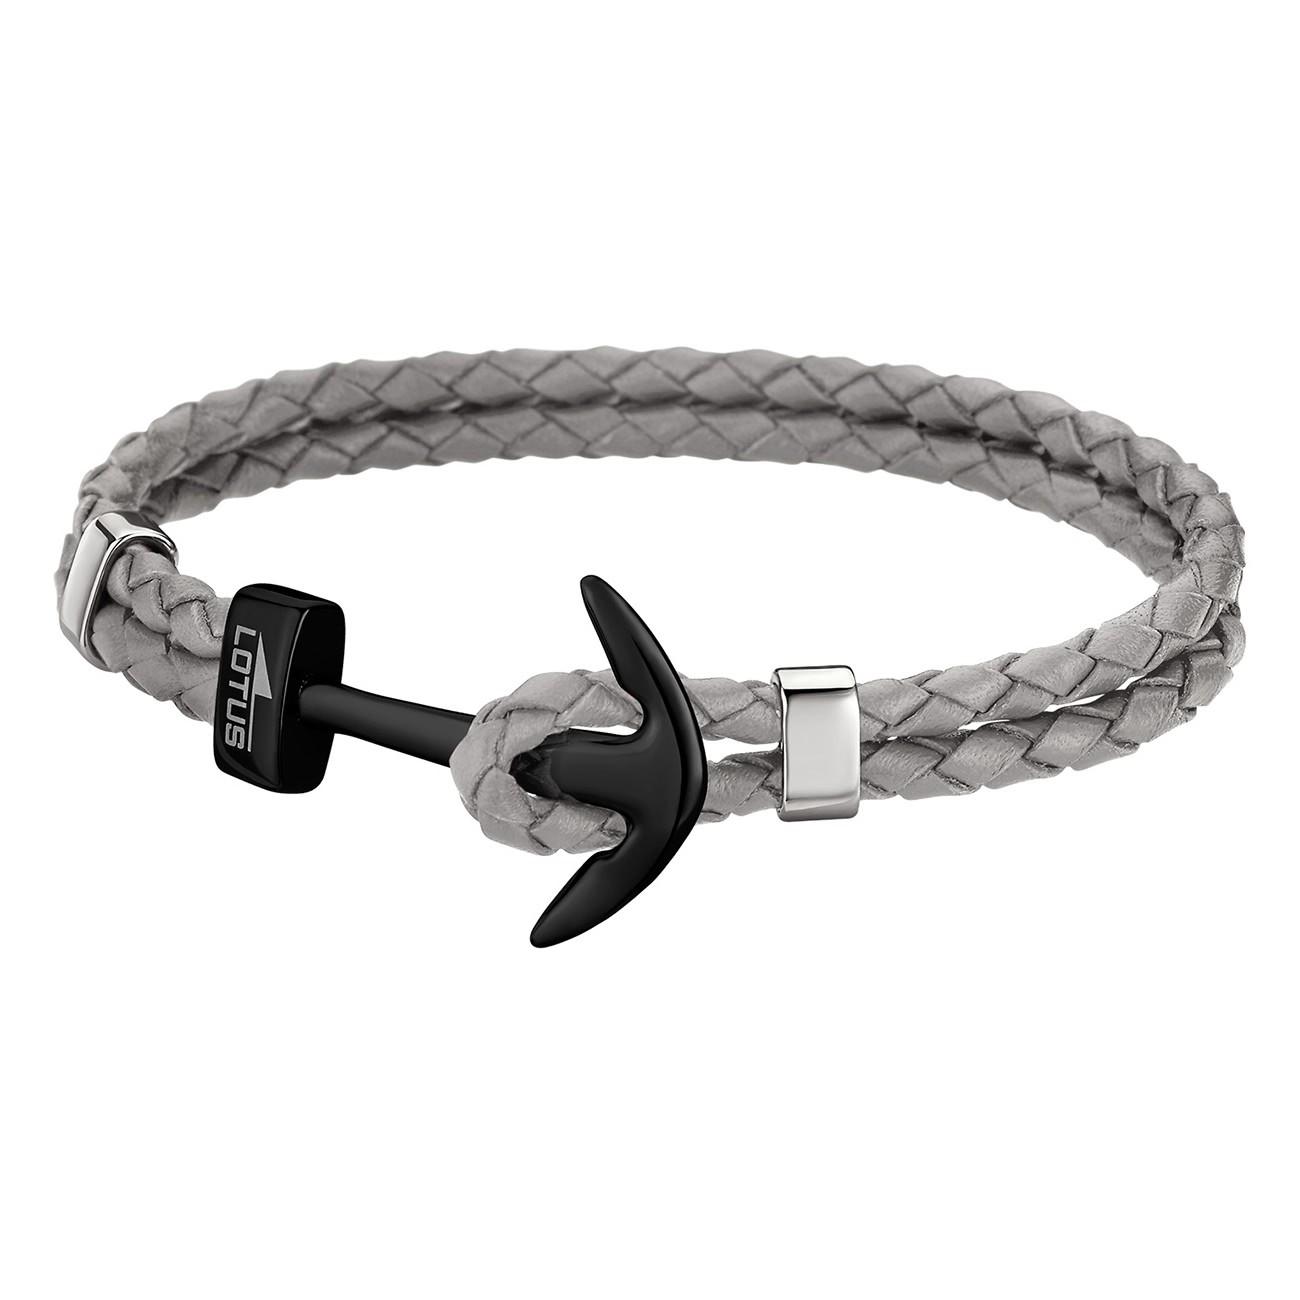 lotus style armband herren leder grau ls1832 2 8 anker schmuck jls1832 2 8. Black Bedroom Furniture Sets. Home Design Ideas